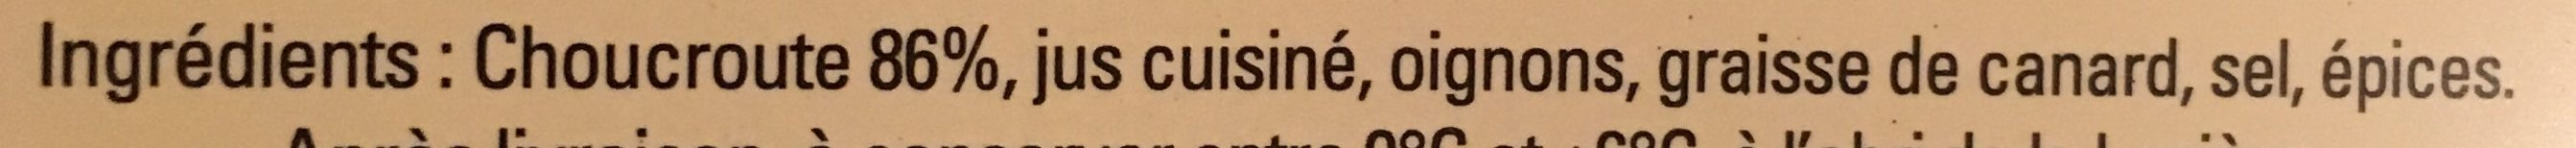 Choucroute Cuisinée - Ingrédients